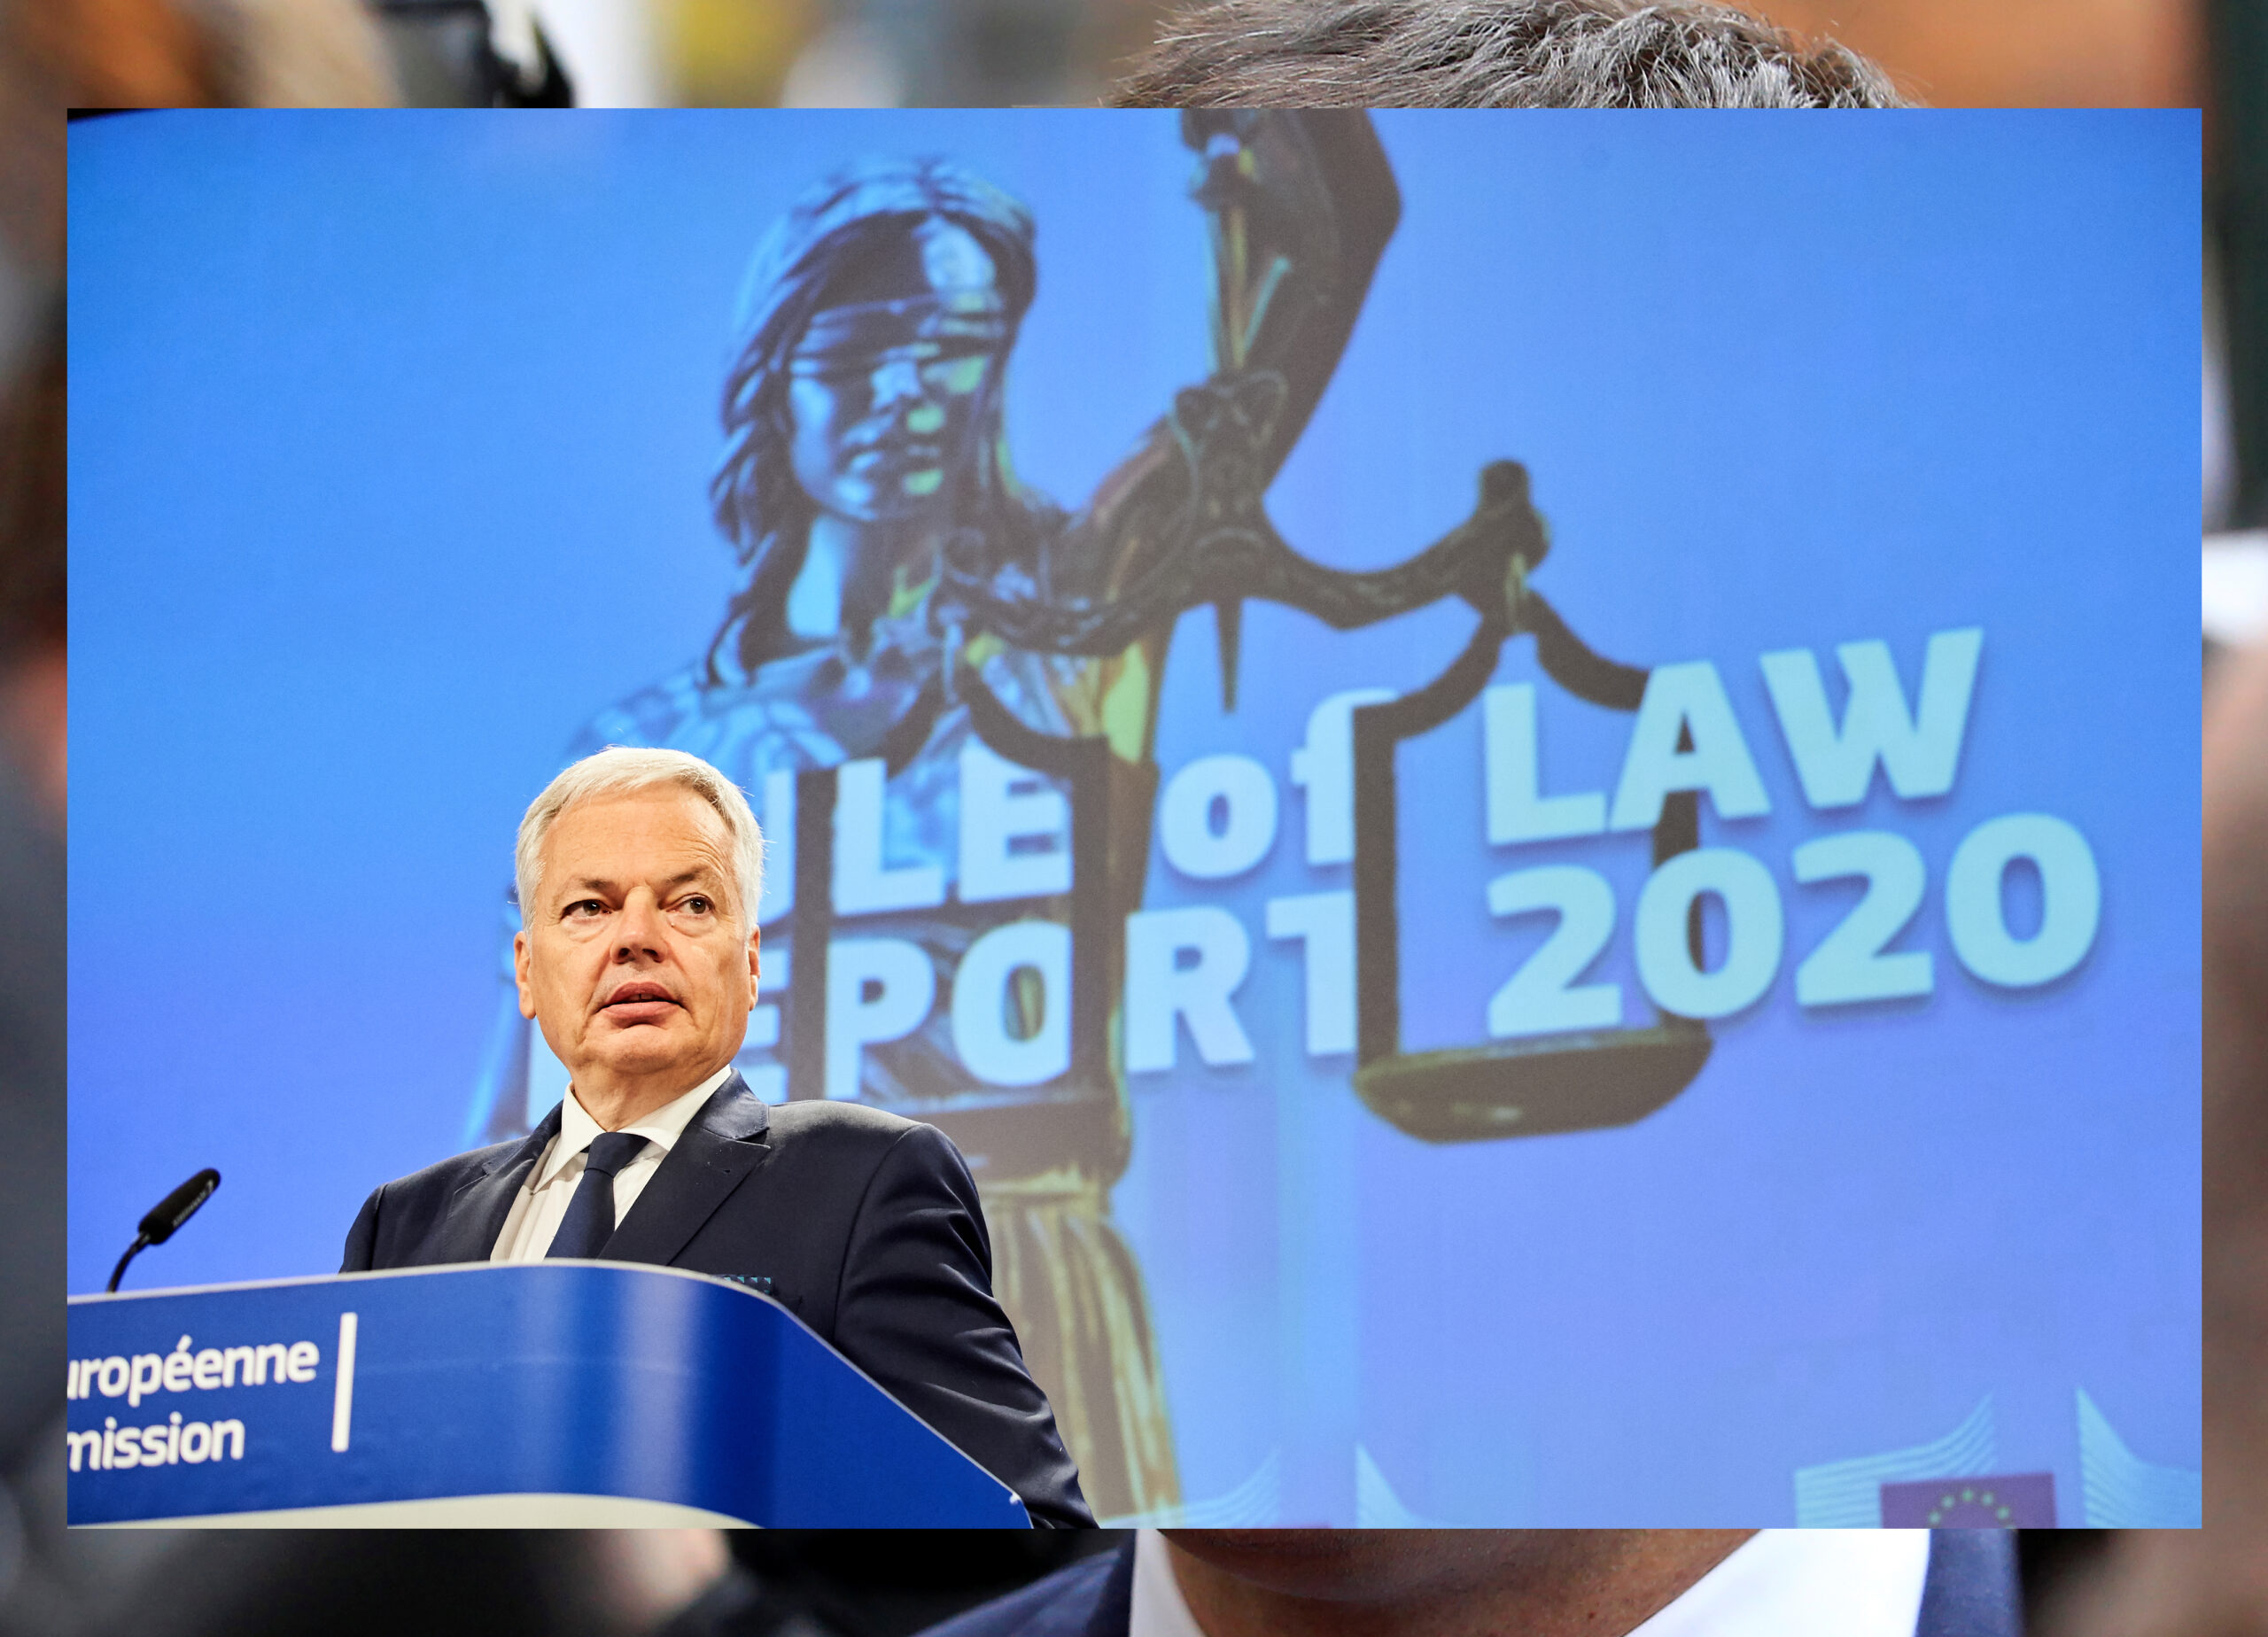 L'eurocomissari de Justícia Didier Reynders durant la roda de premsa de presentació de l'informe sobre l'estat de dret a Brussel·les el 30 de setembre del 2020. (Hortizontal)